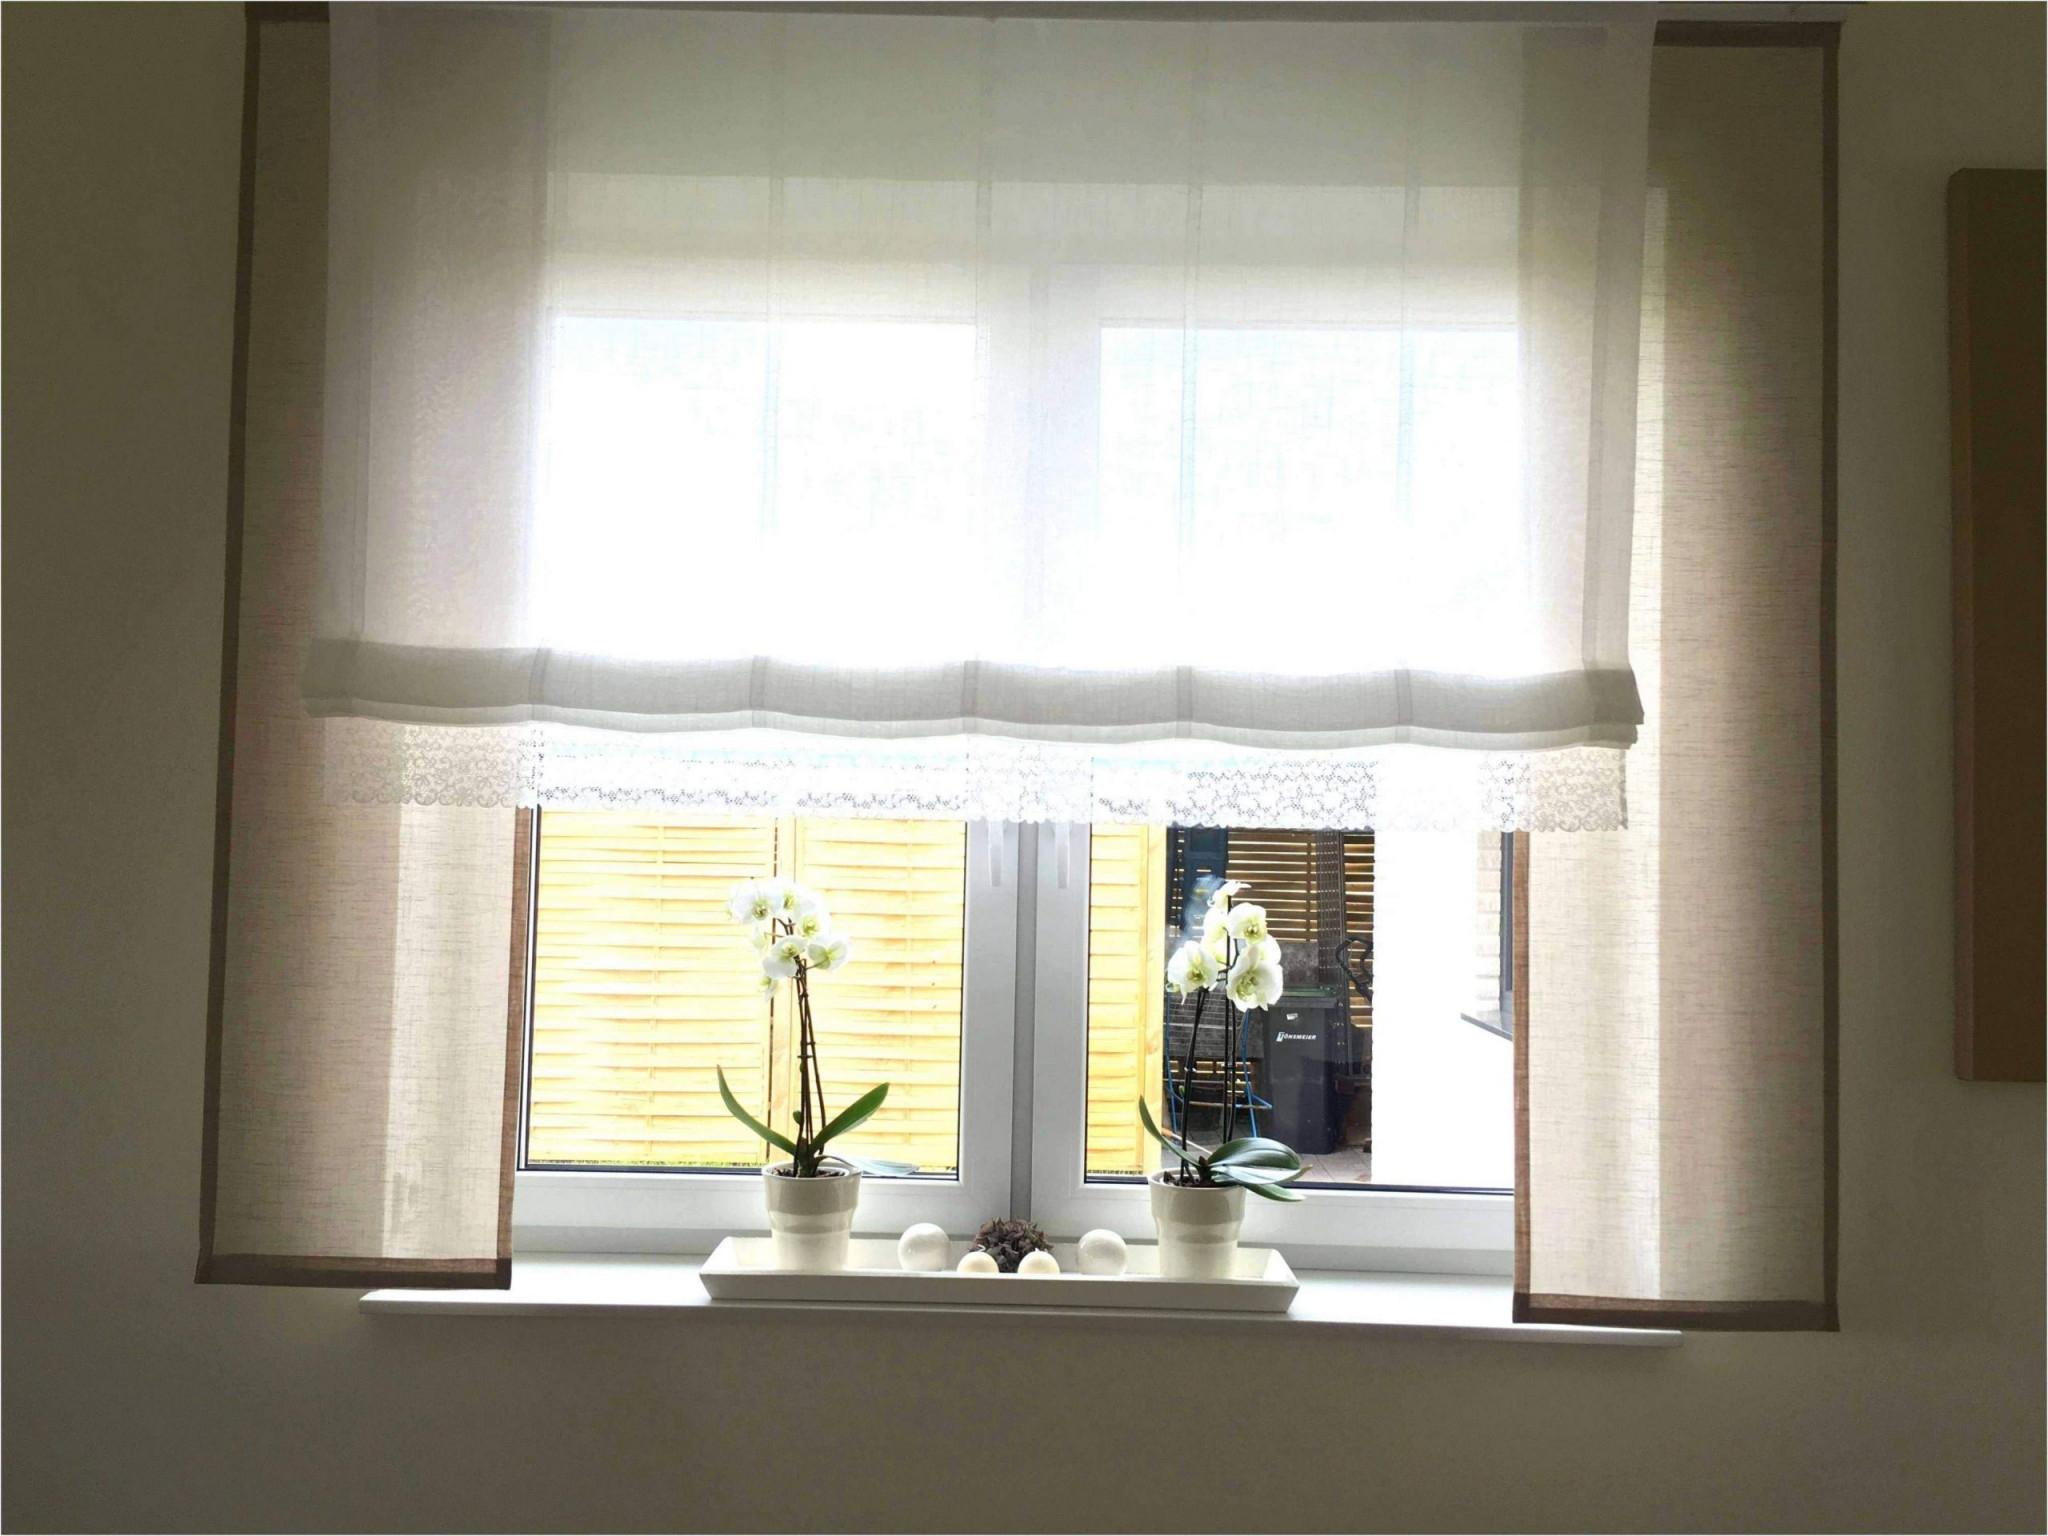 36 Frisch Wohnzimmer Gardinen Mit Balkontür Inspirierend von Gardinen Wohnzimmer Mit Balkontür Bild